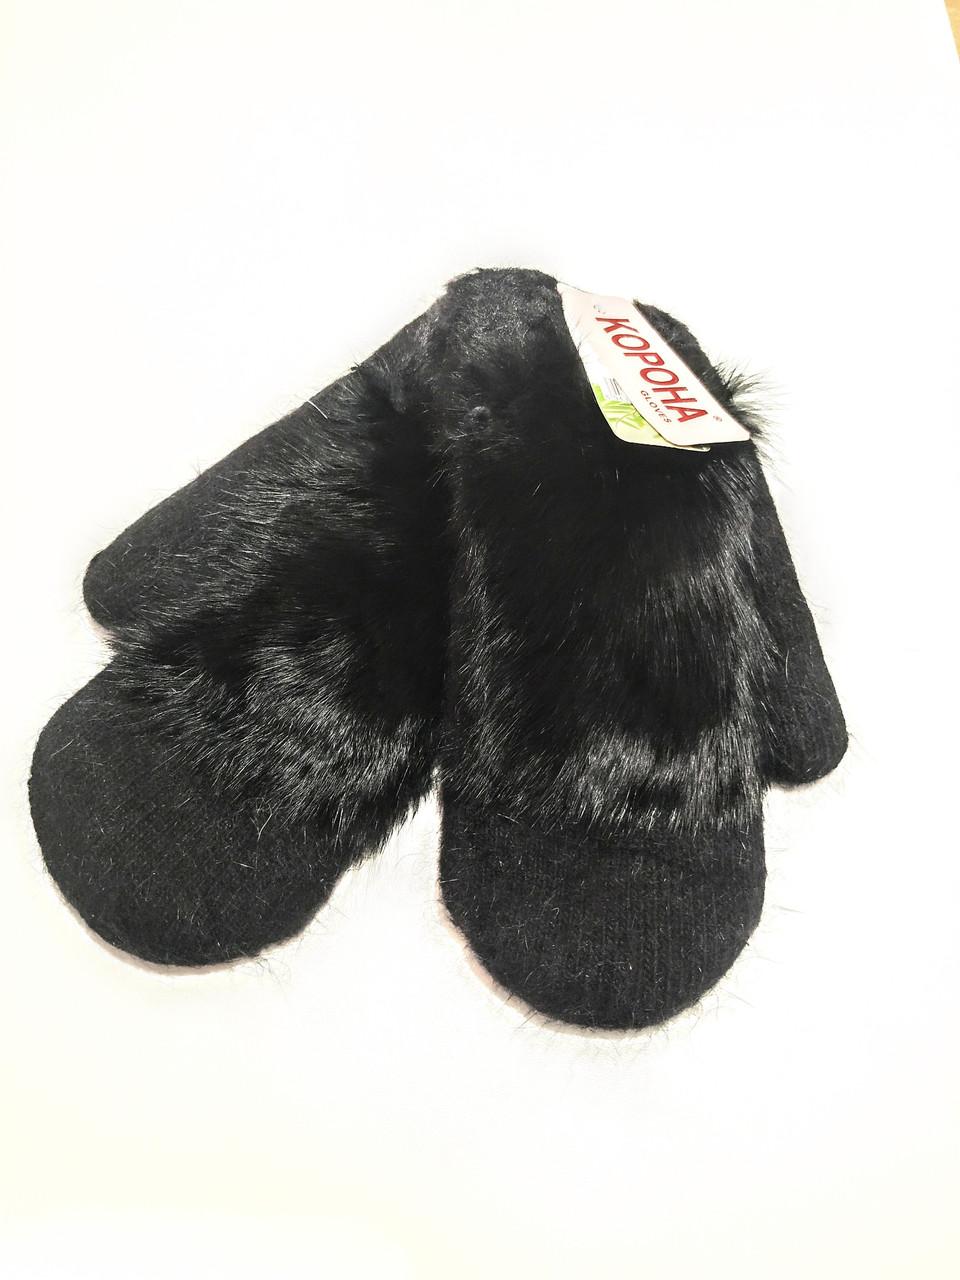 Варежки рукавички женские ангора на меху двойные черные